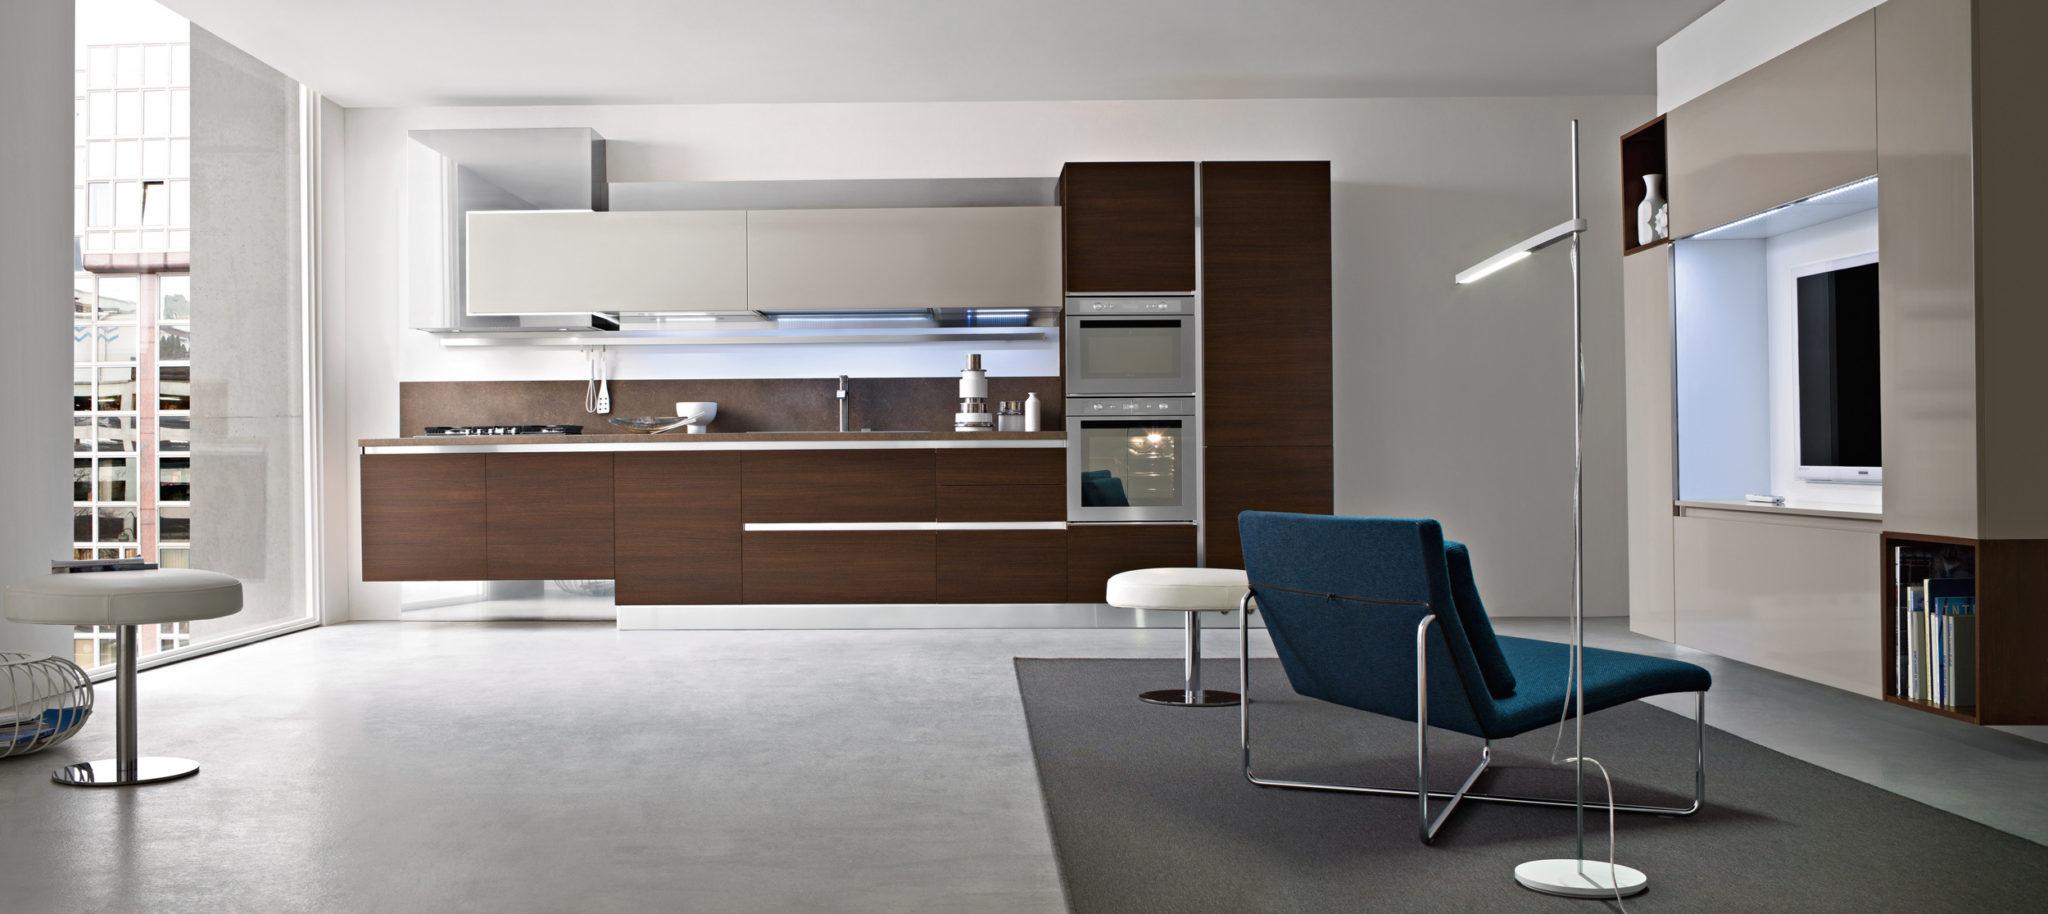 Cucine Moderne Lineare : Fly - Cucine moderne con estetica lineare.